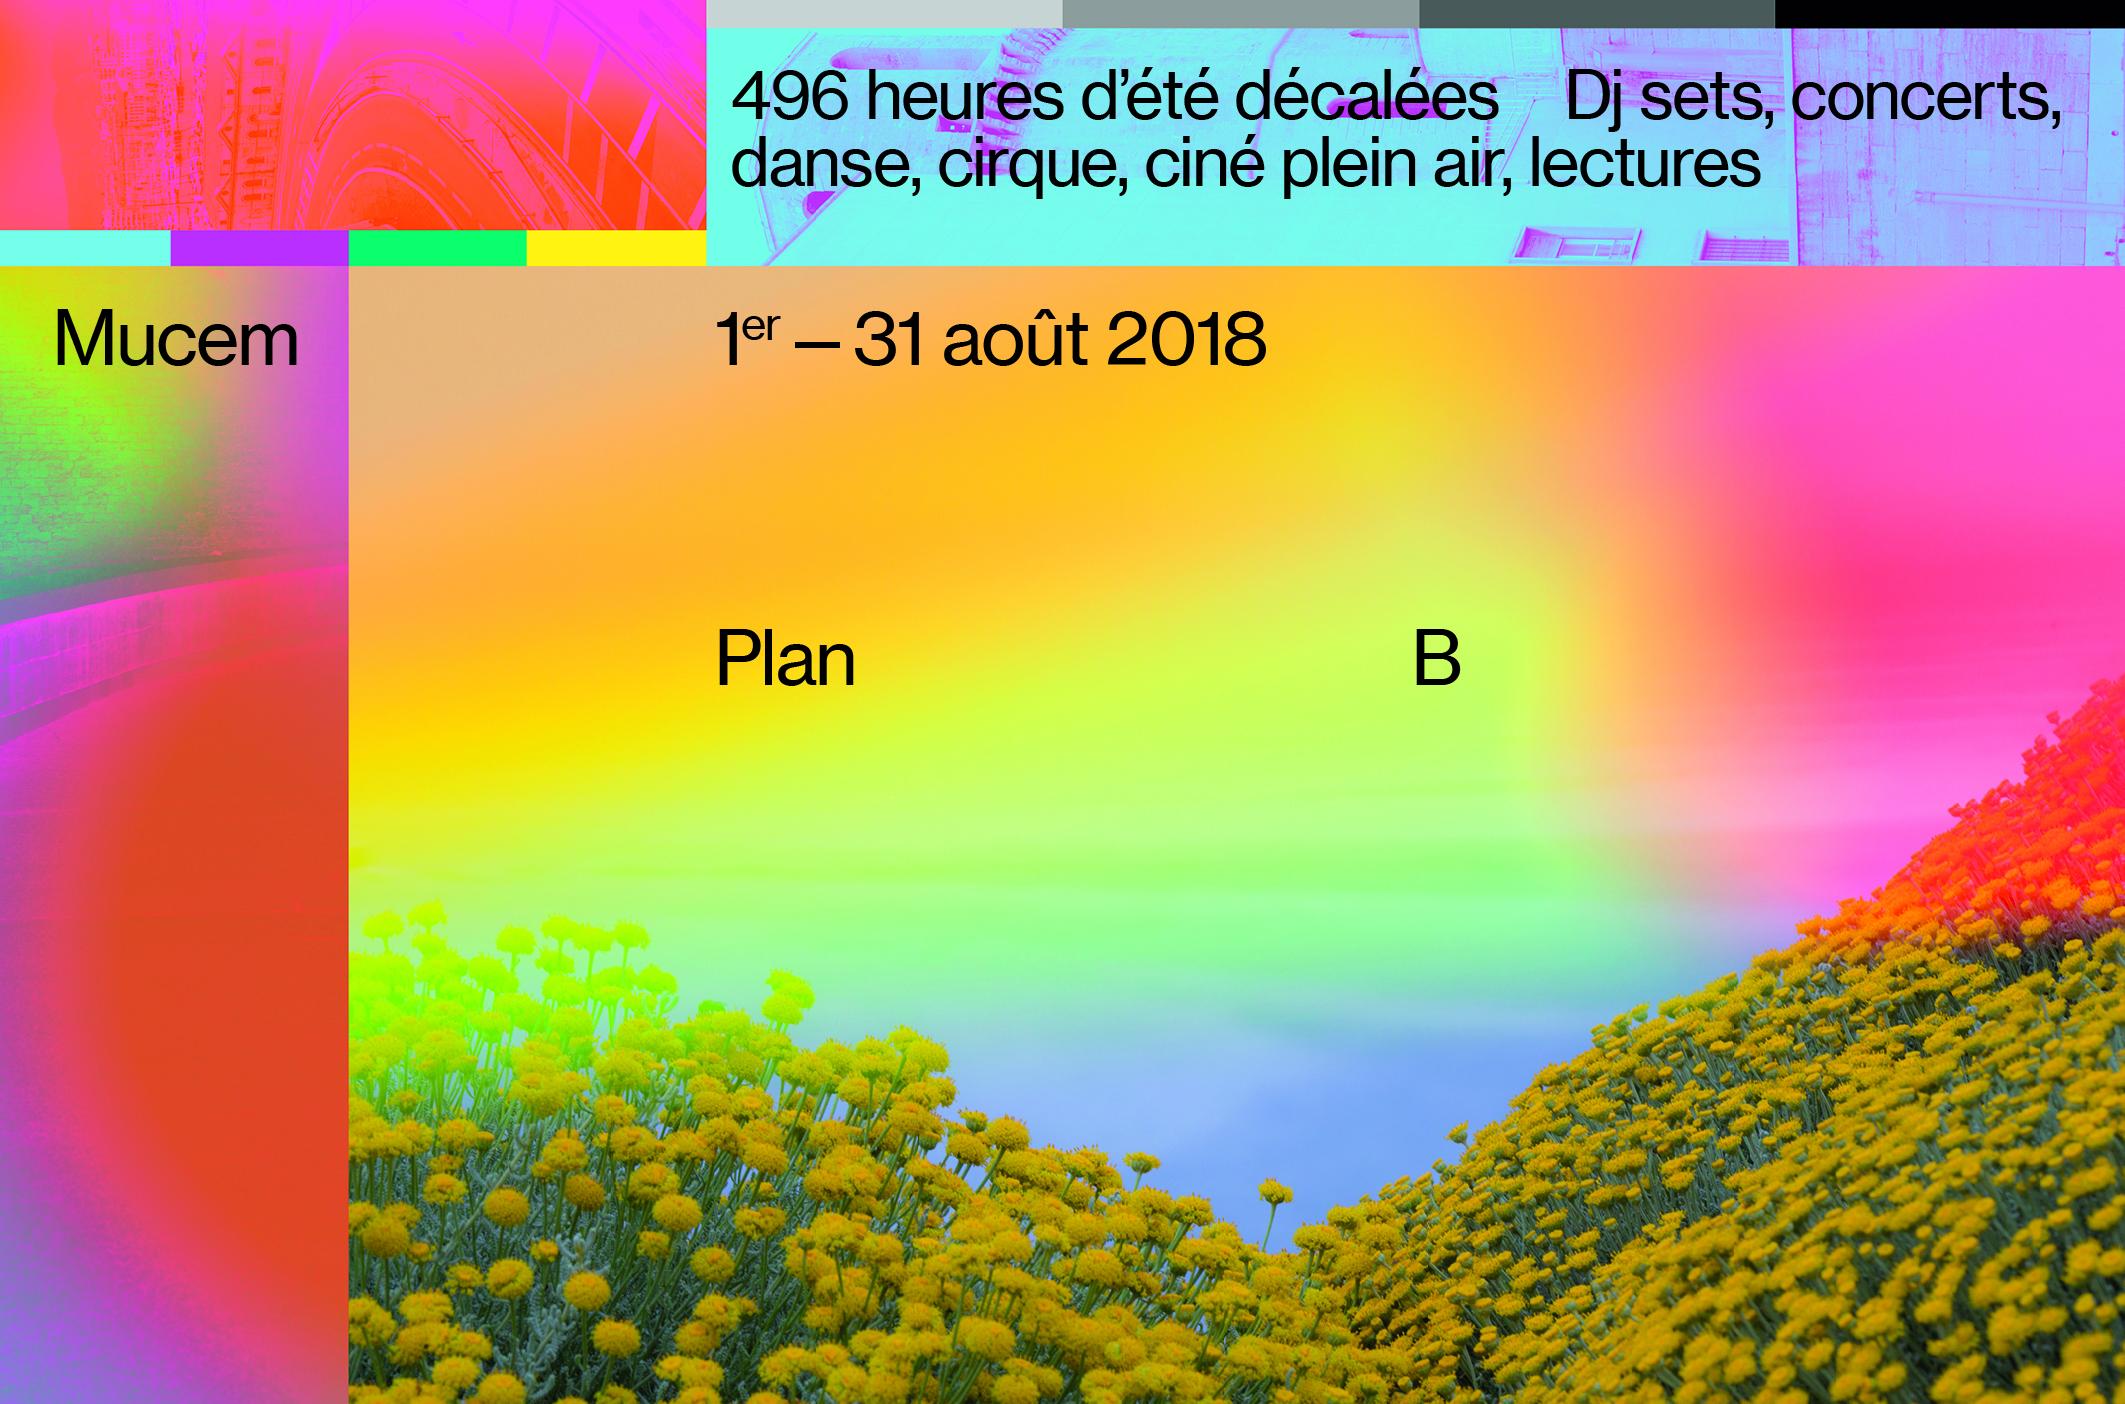 510x337px.jpg